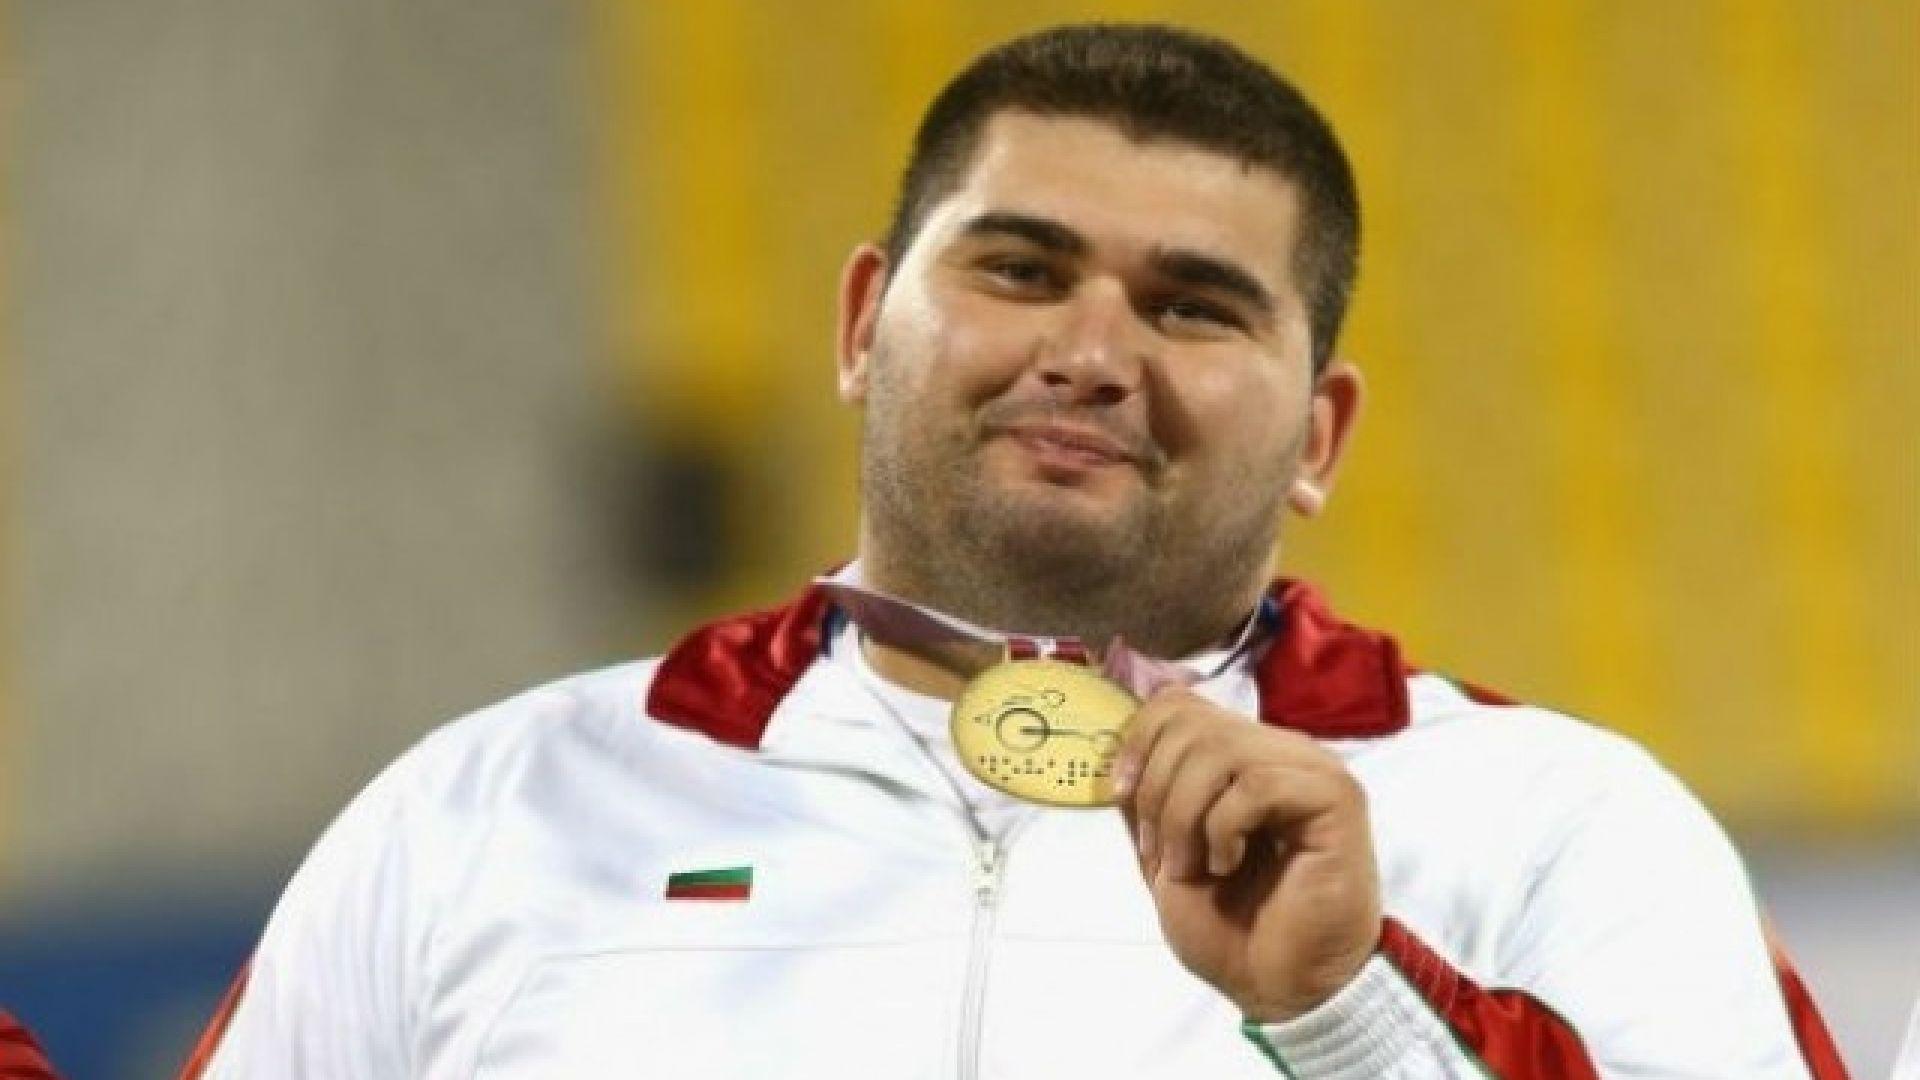 Роден параолимпиец завоюва четвърта европейска титла